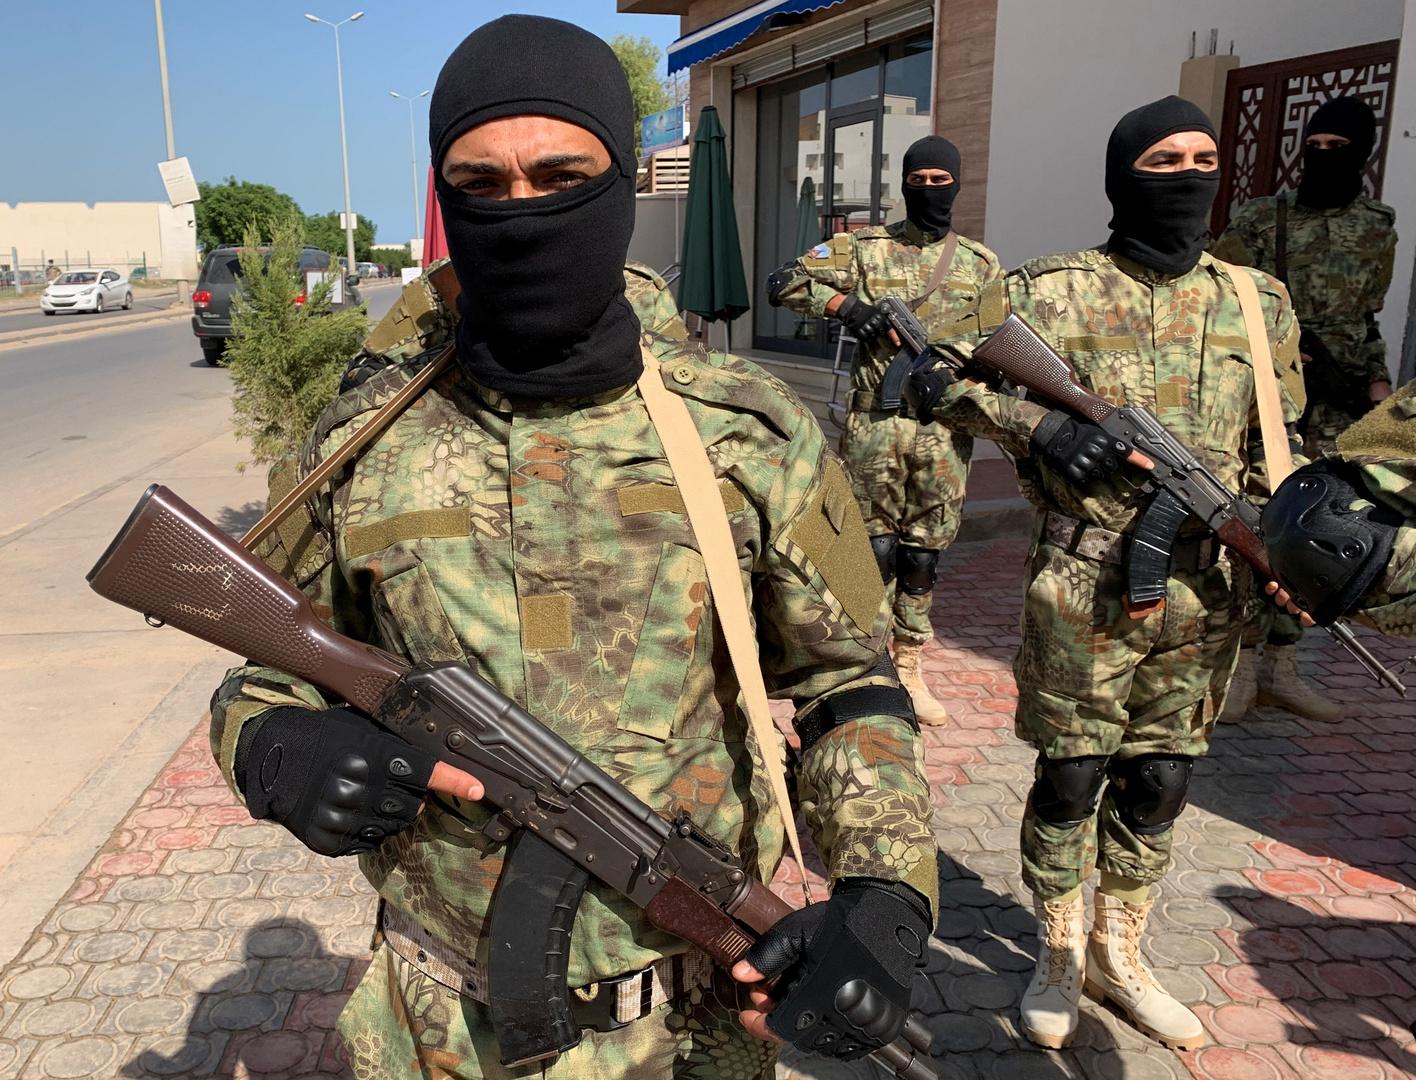 اشتباكات في العاصمة الليبية بين تشكيلين أمنيين تابعين لحكومة